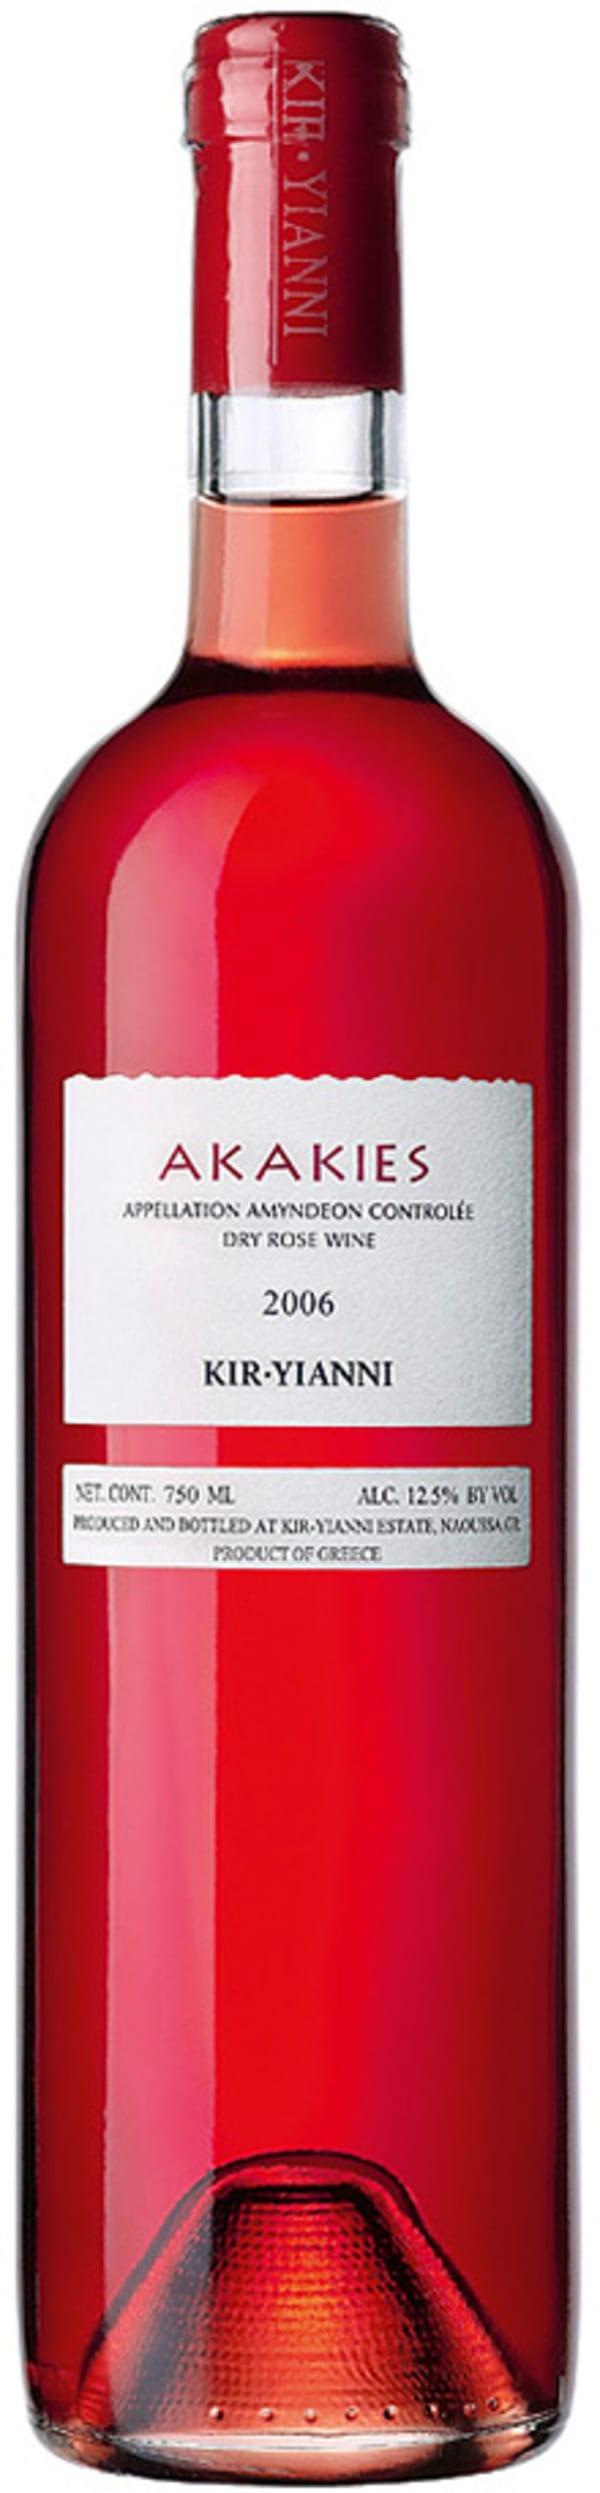 Kir-Yianni Akakies Rose 2018